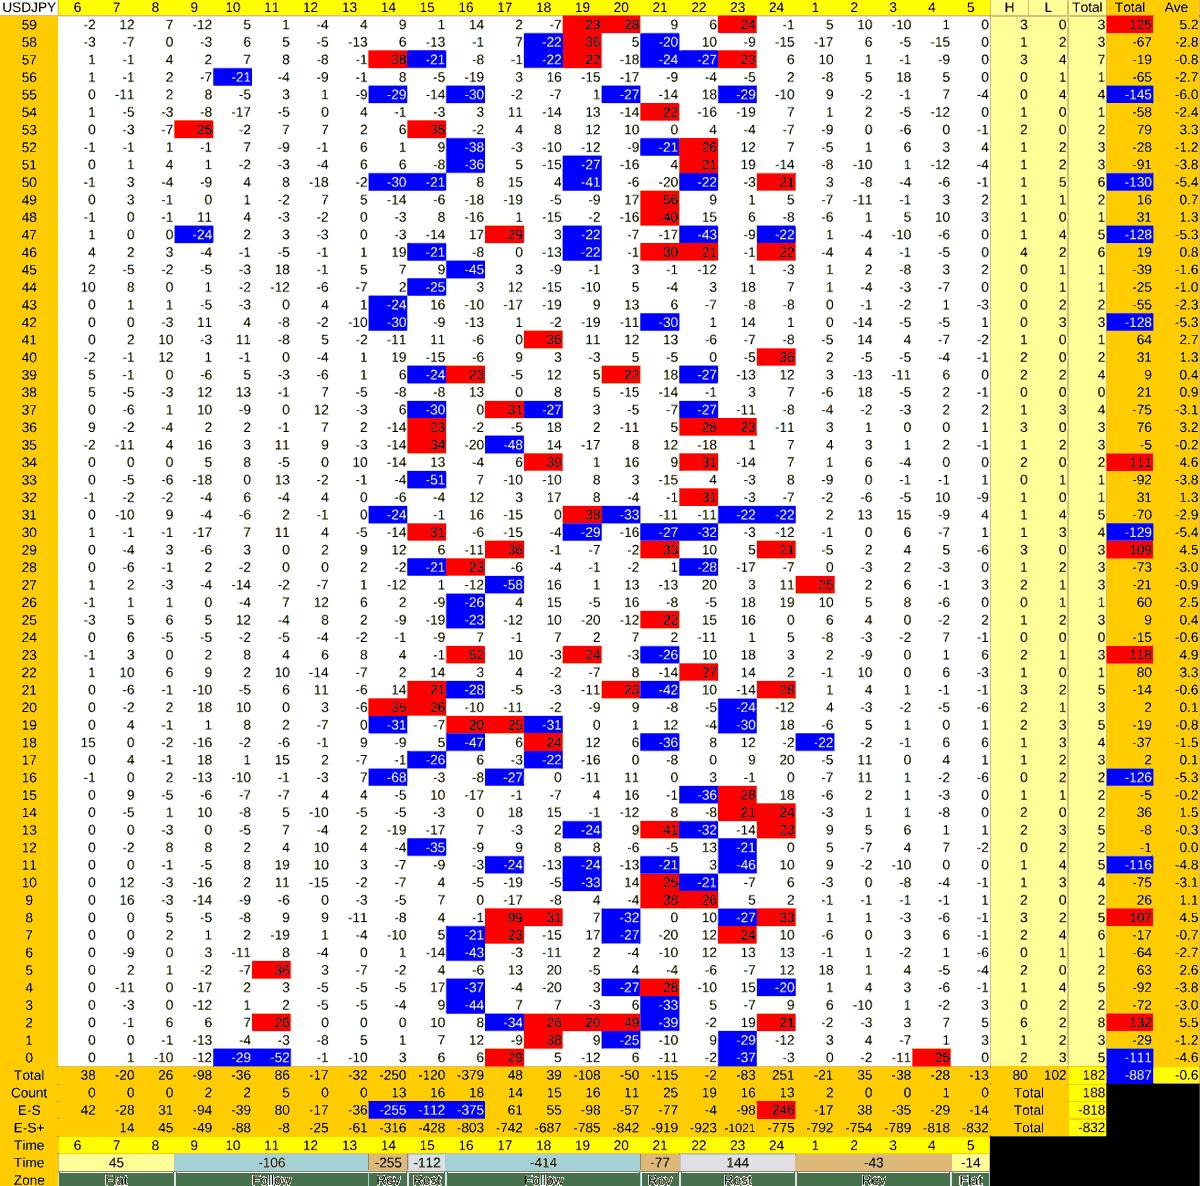 20210708_HS(1)USDJPY